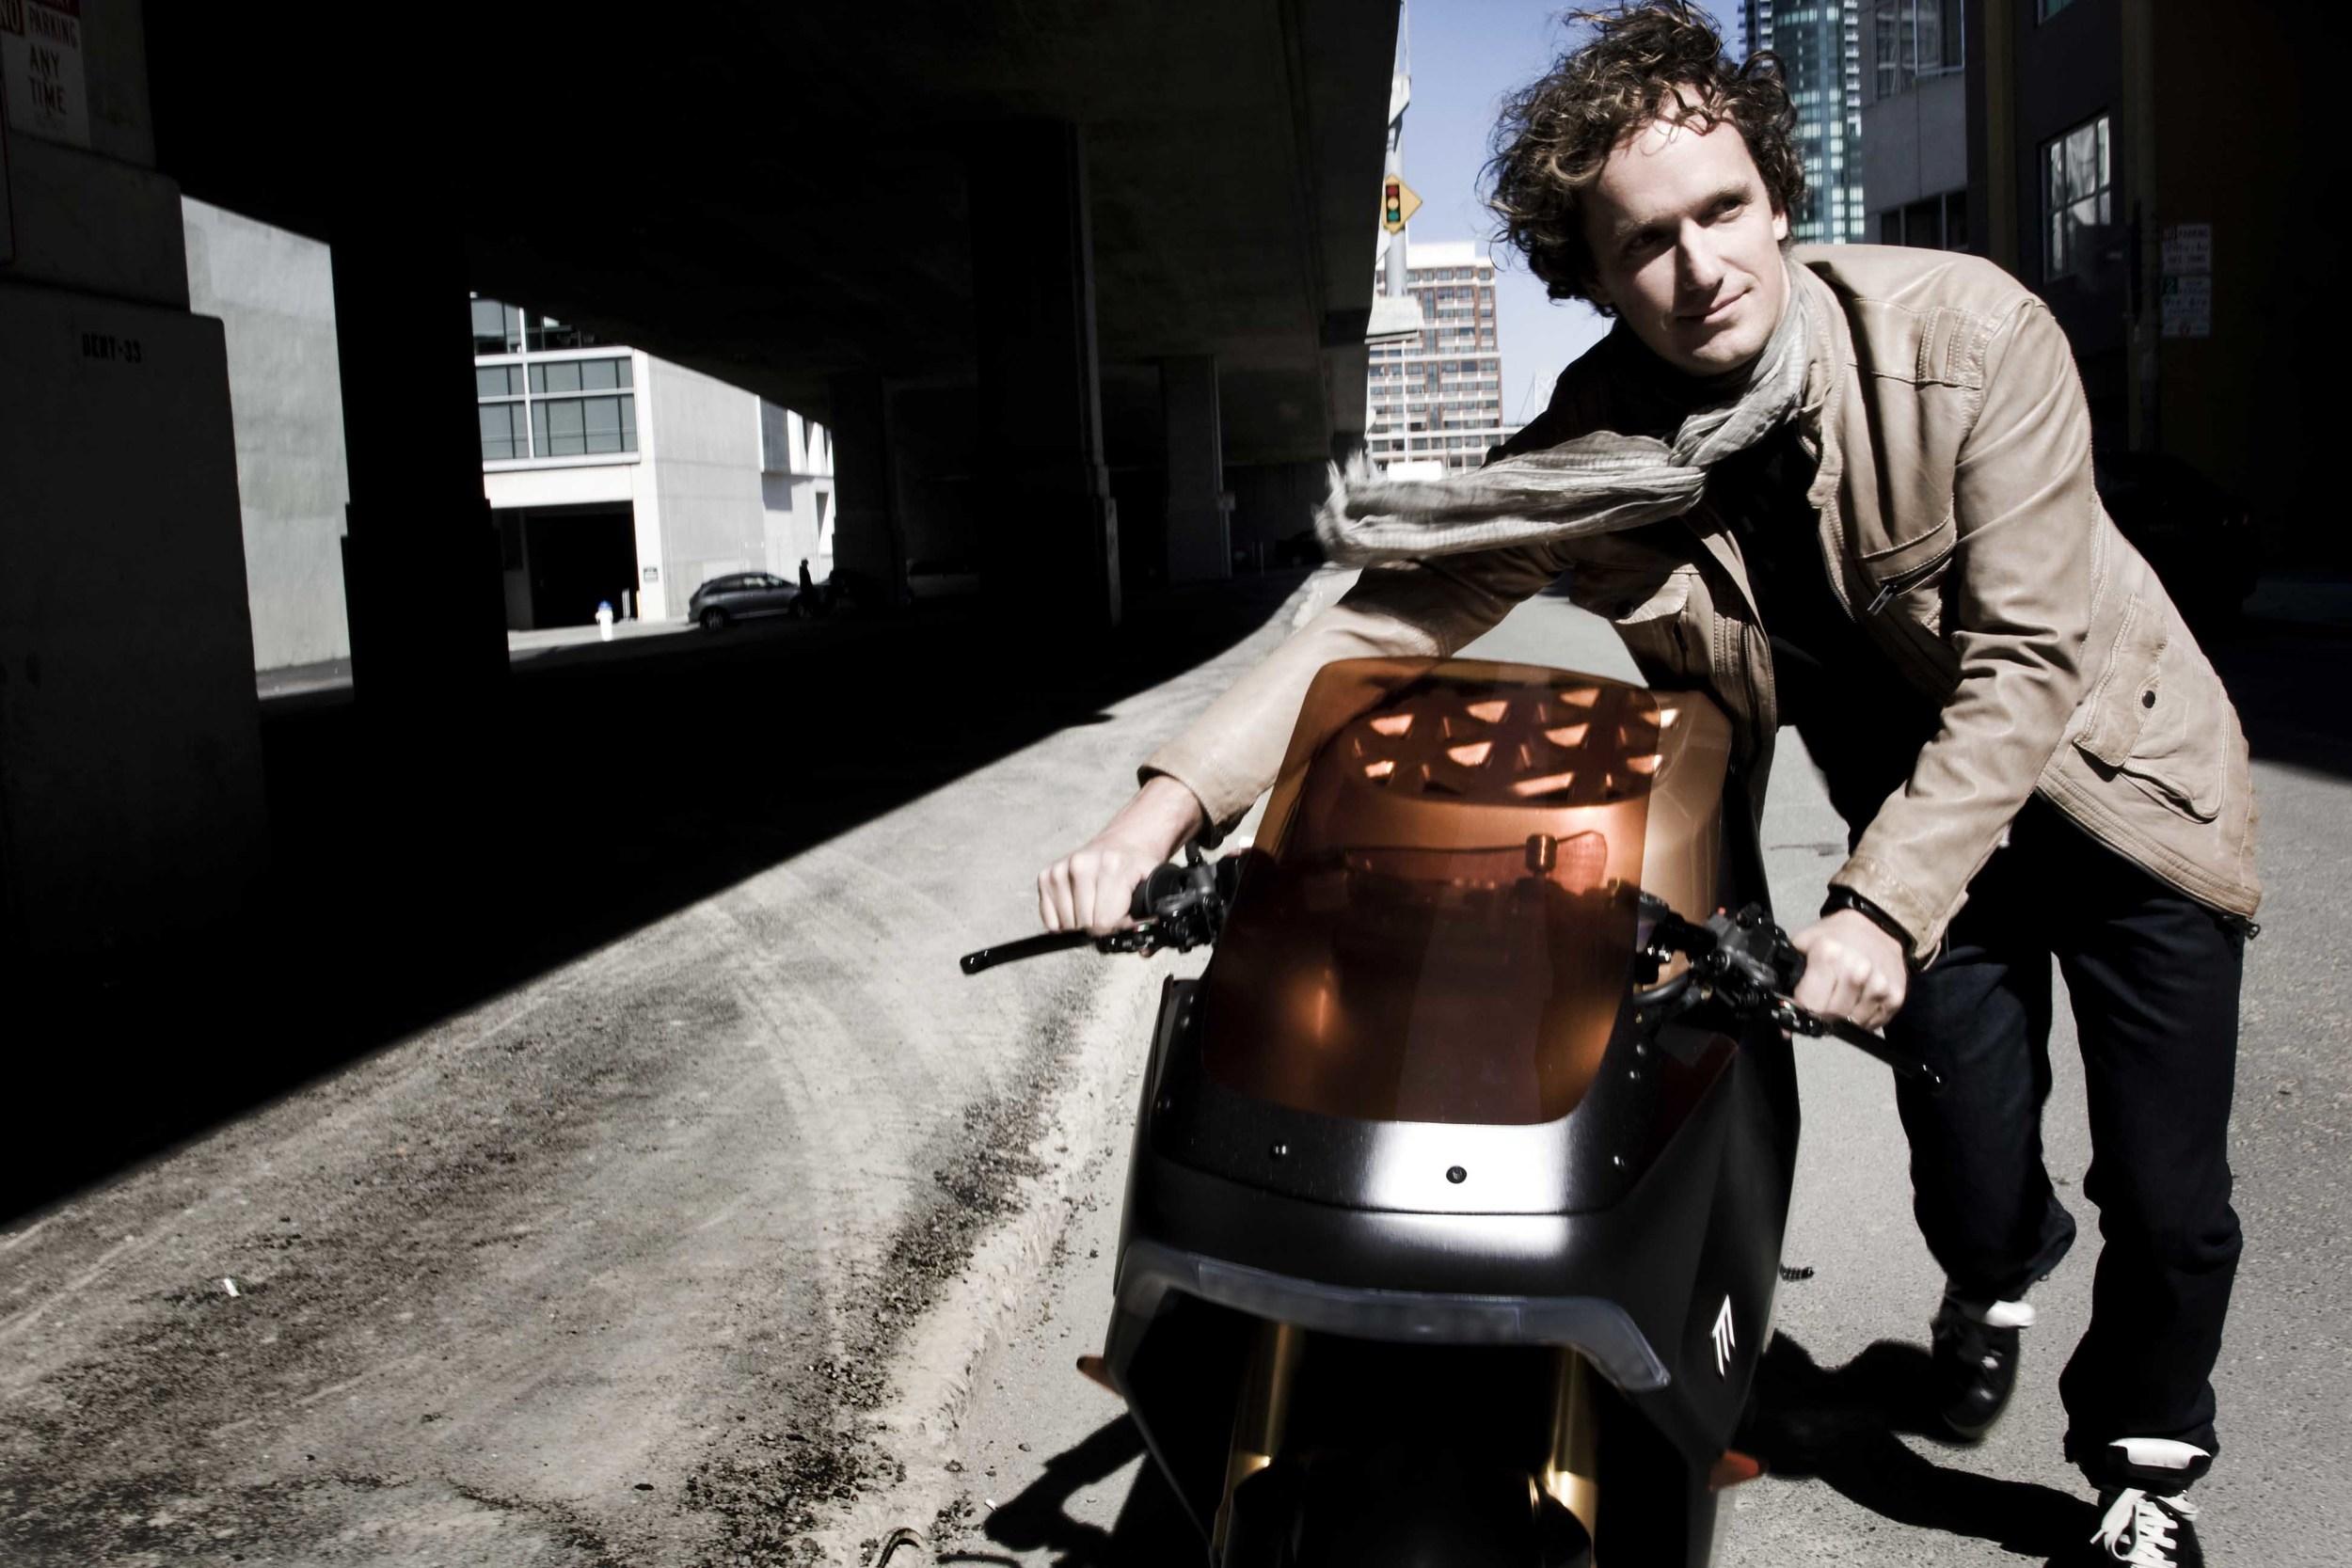 Yves Behar,San Fransisco, 2013